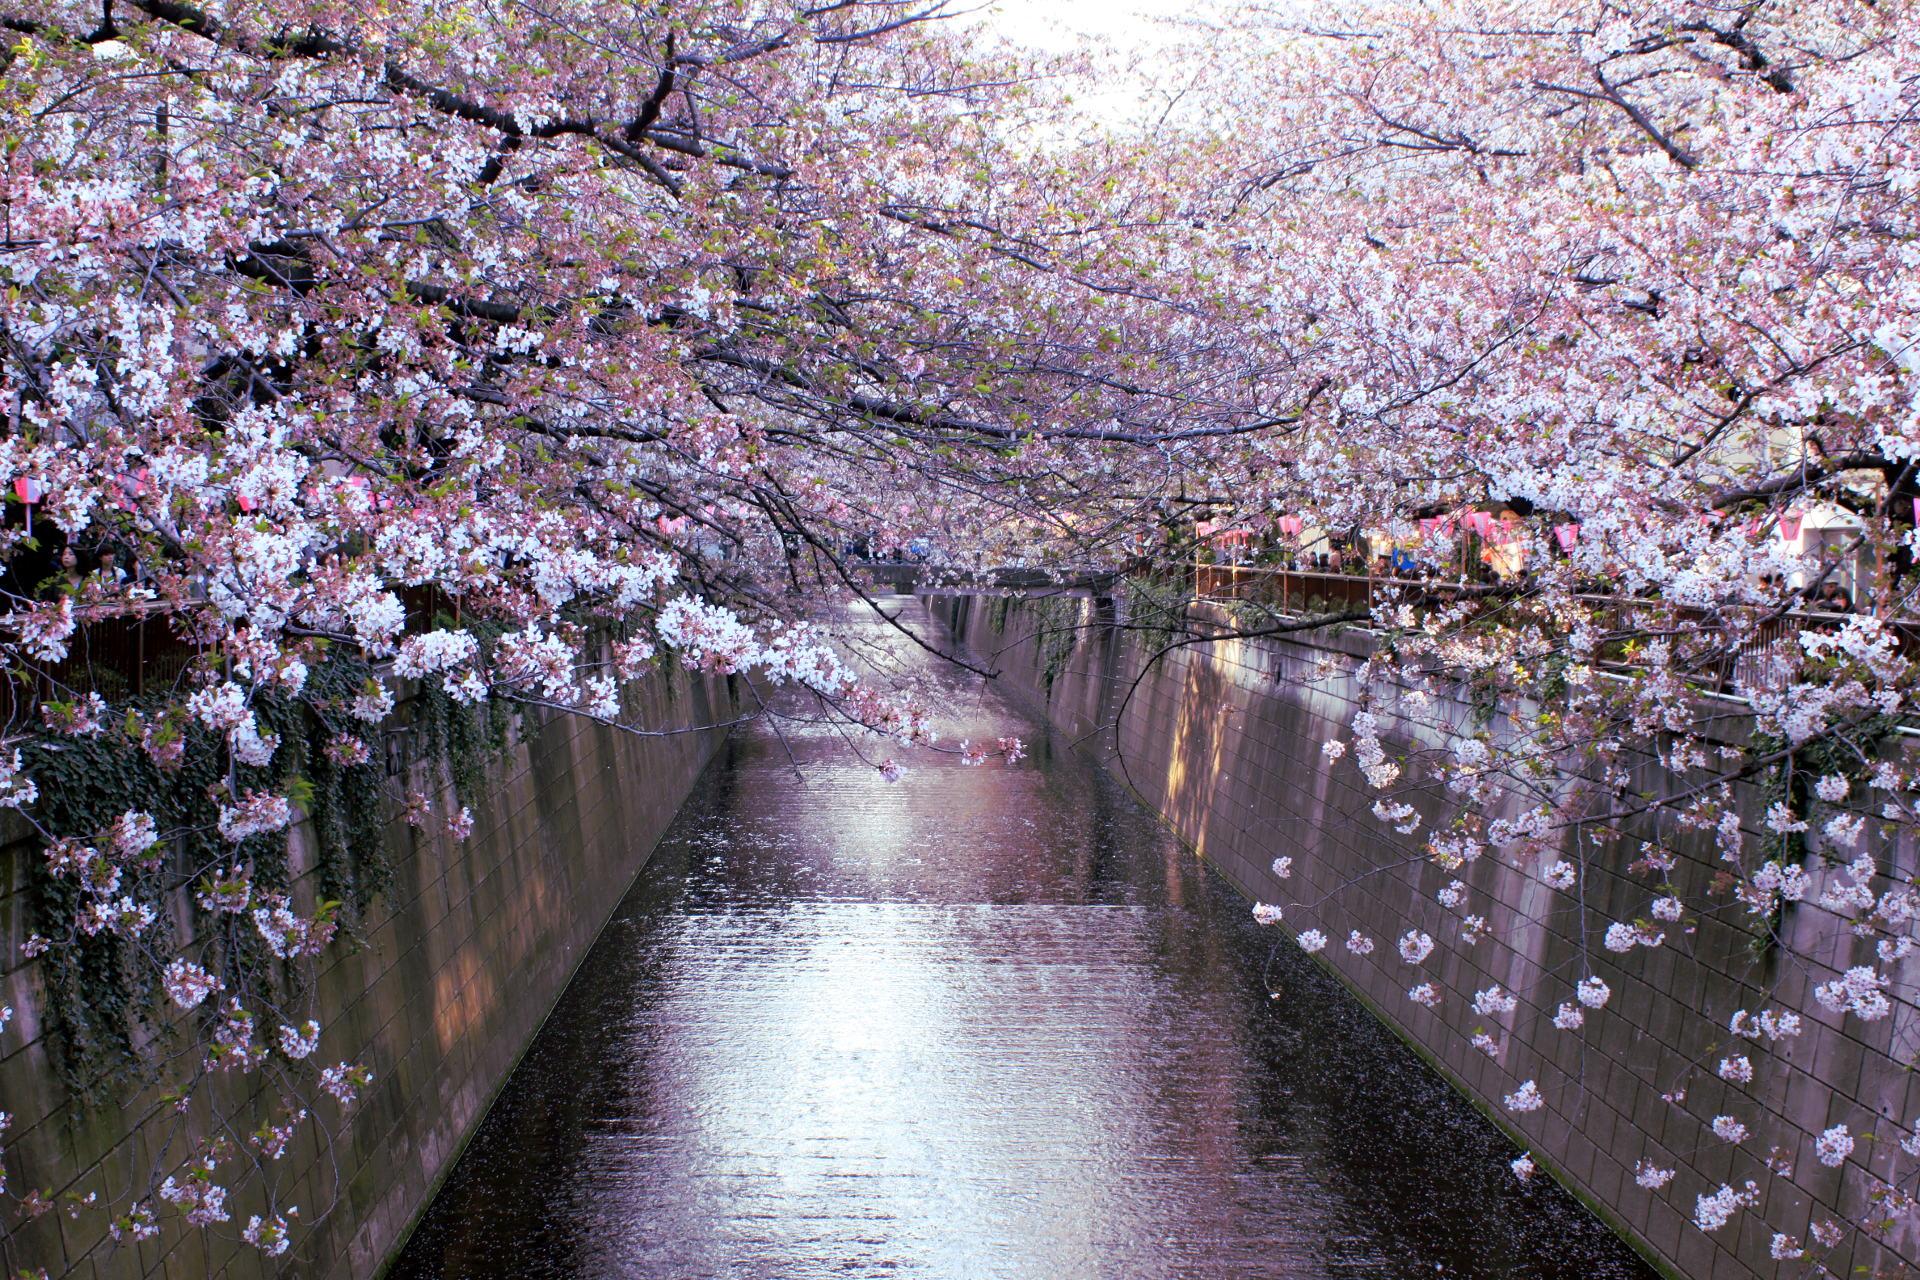 tokio japonia tokyo japan park kwitnacawisnia kwiaty cherryblossom hanami sakura springinjapan wiosnawjaponii iglawpodrozy kimono